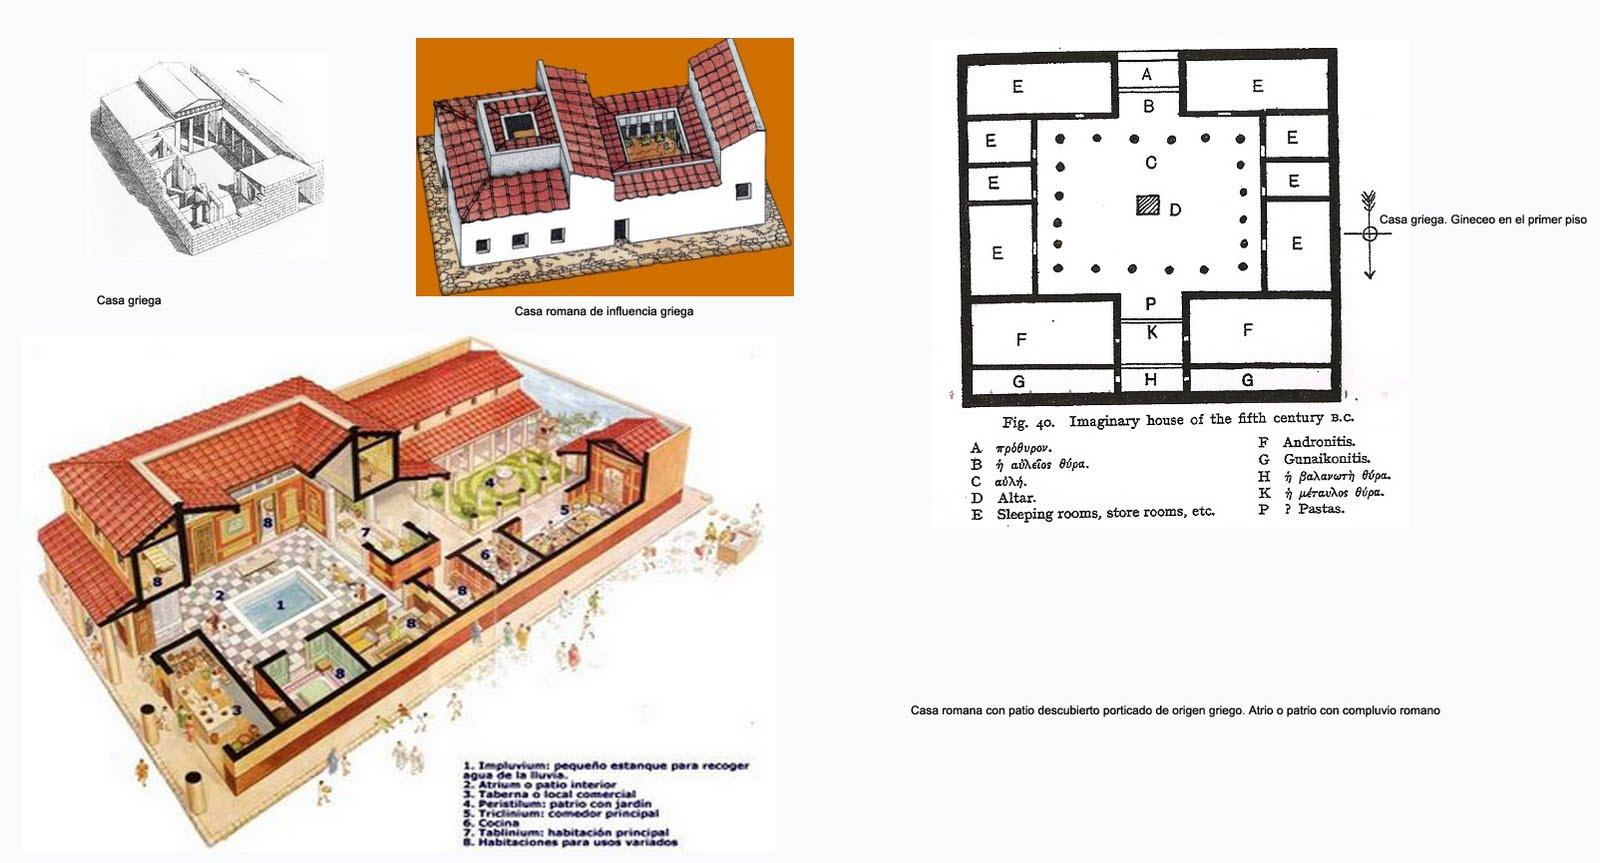 asl diversificaci n la vivienda griega On vivienda griega antigua